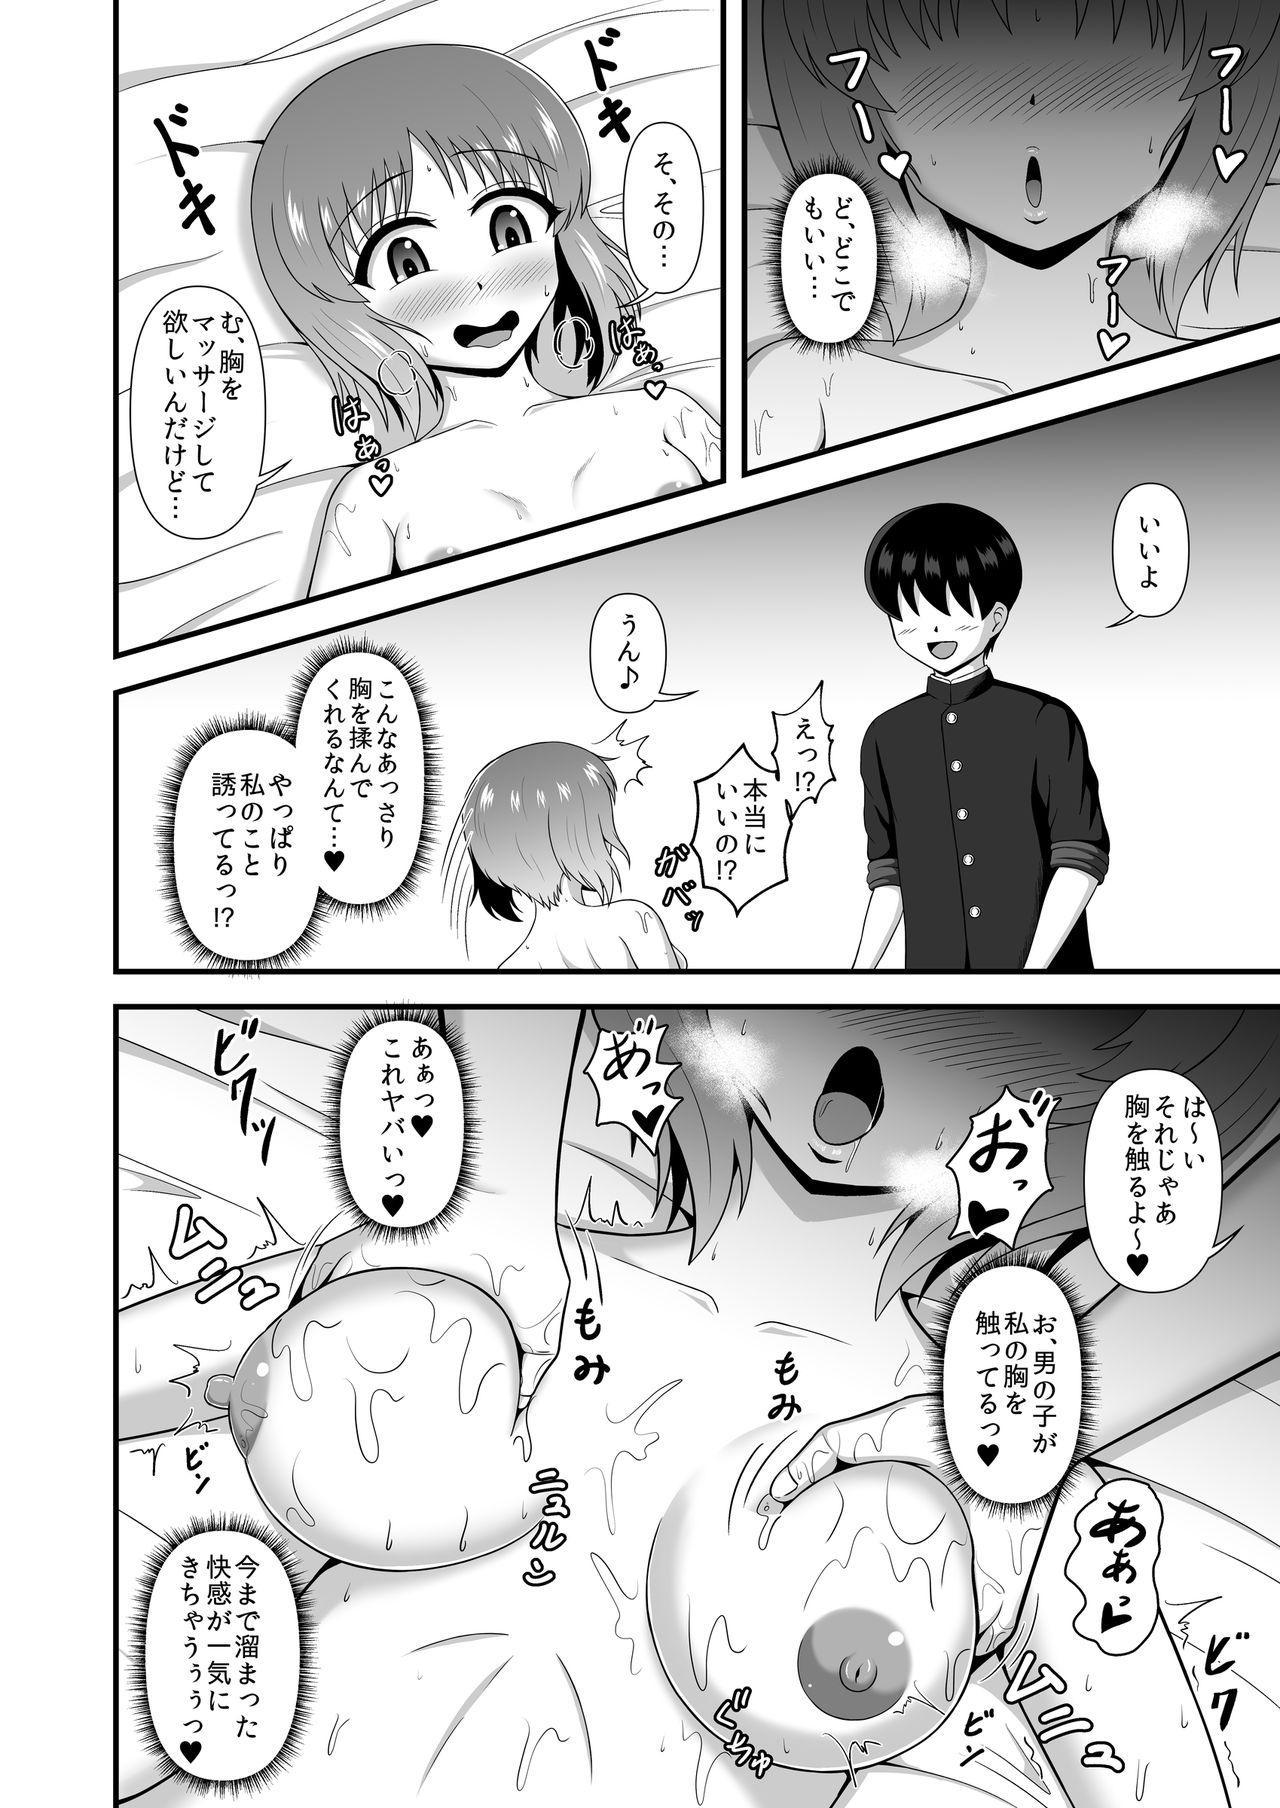 Teisou Gyakuten Abekobe Banashi 3 20